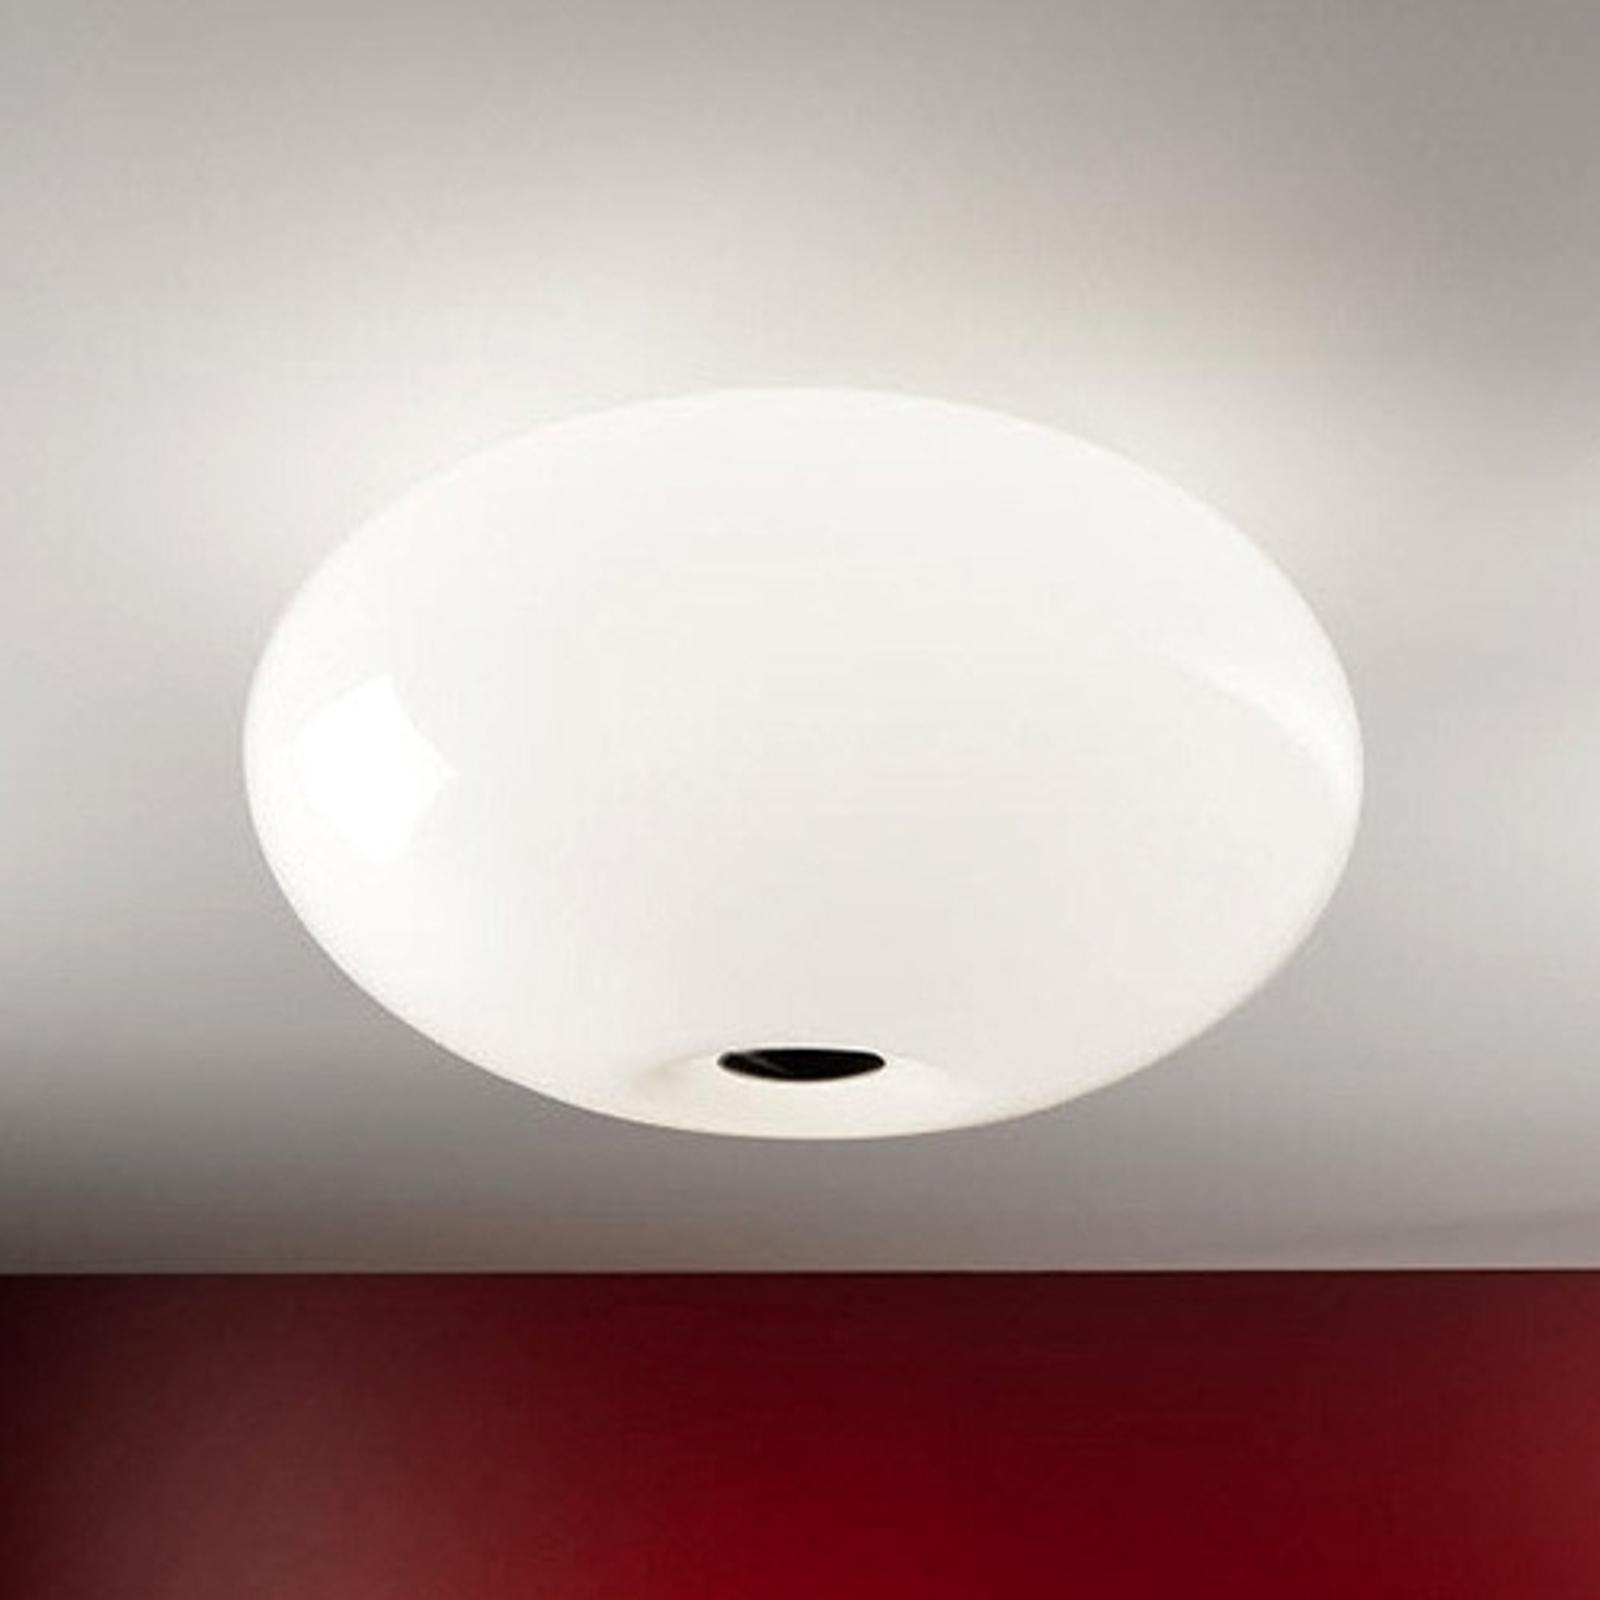 Casablanca Aih - Deckenleuchte weiß glänzend 28cm